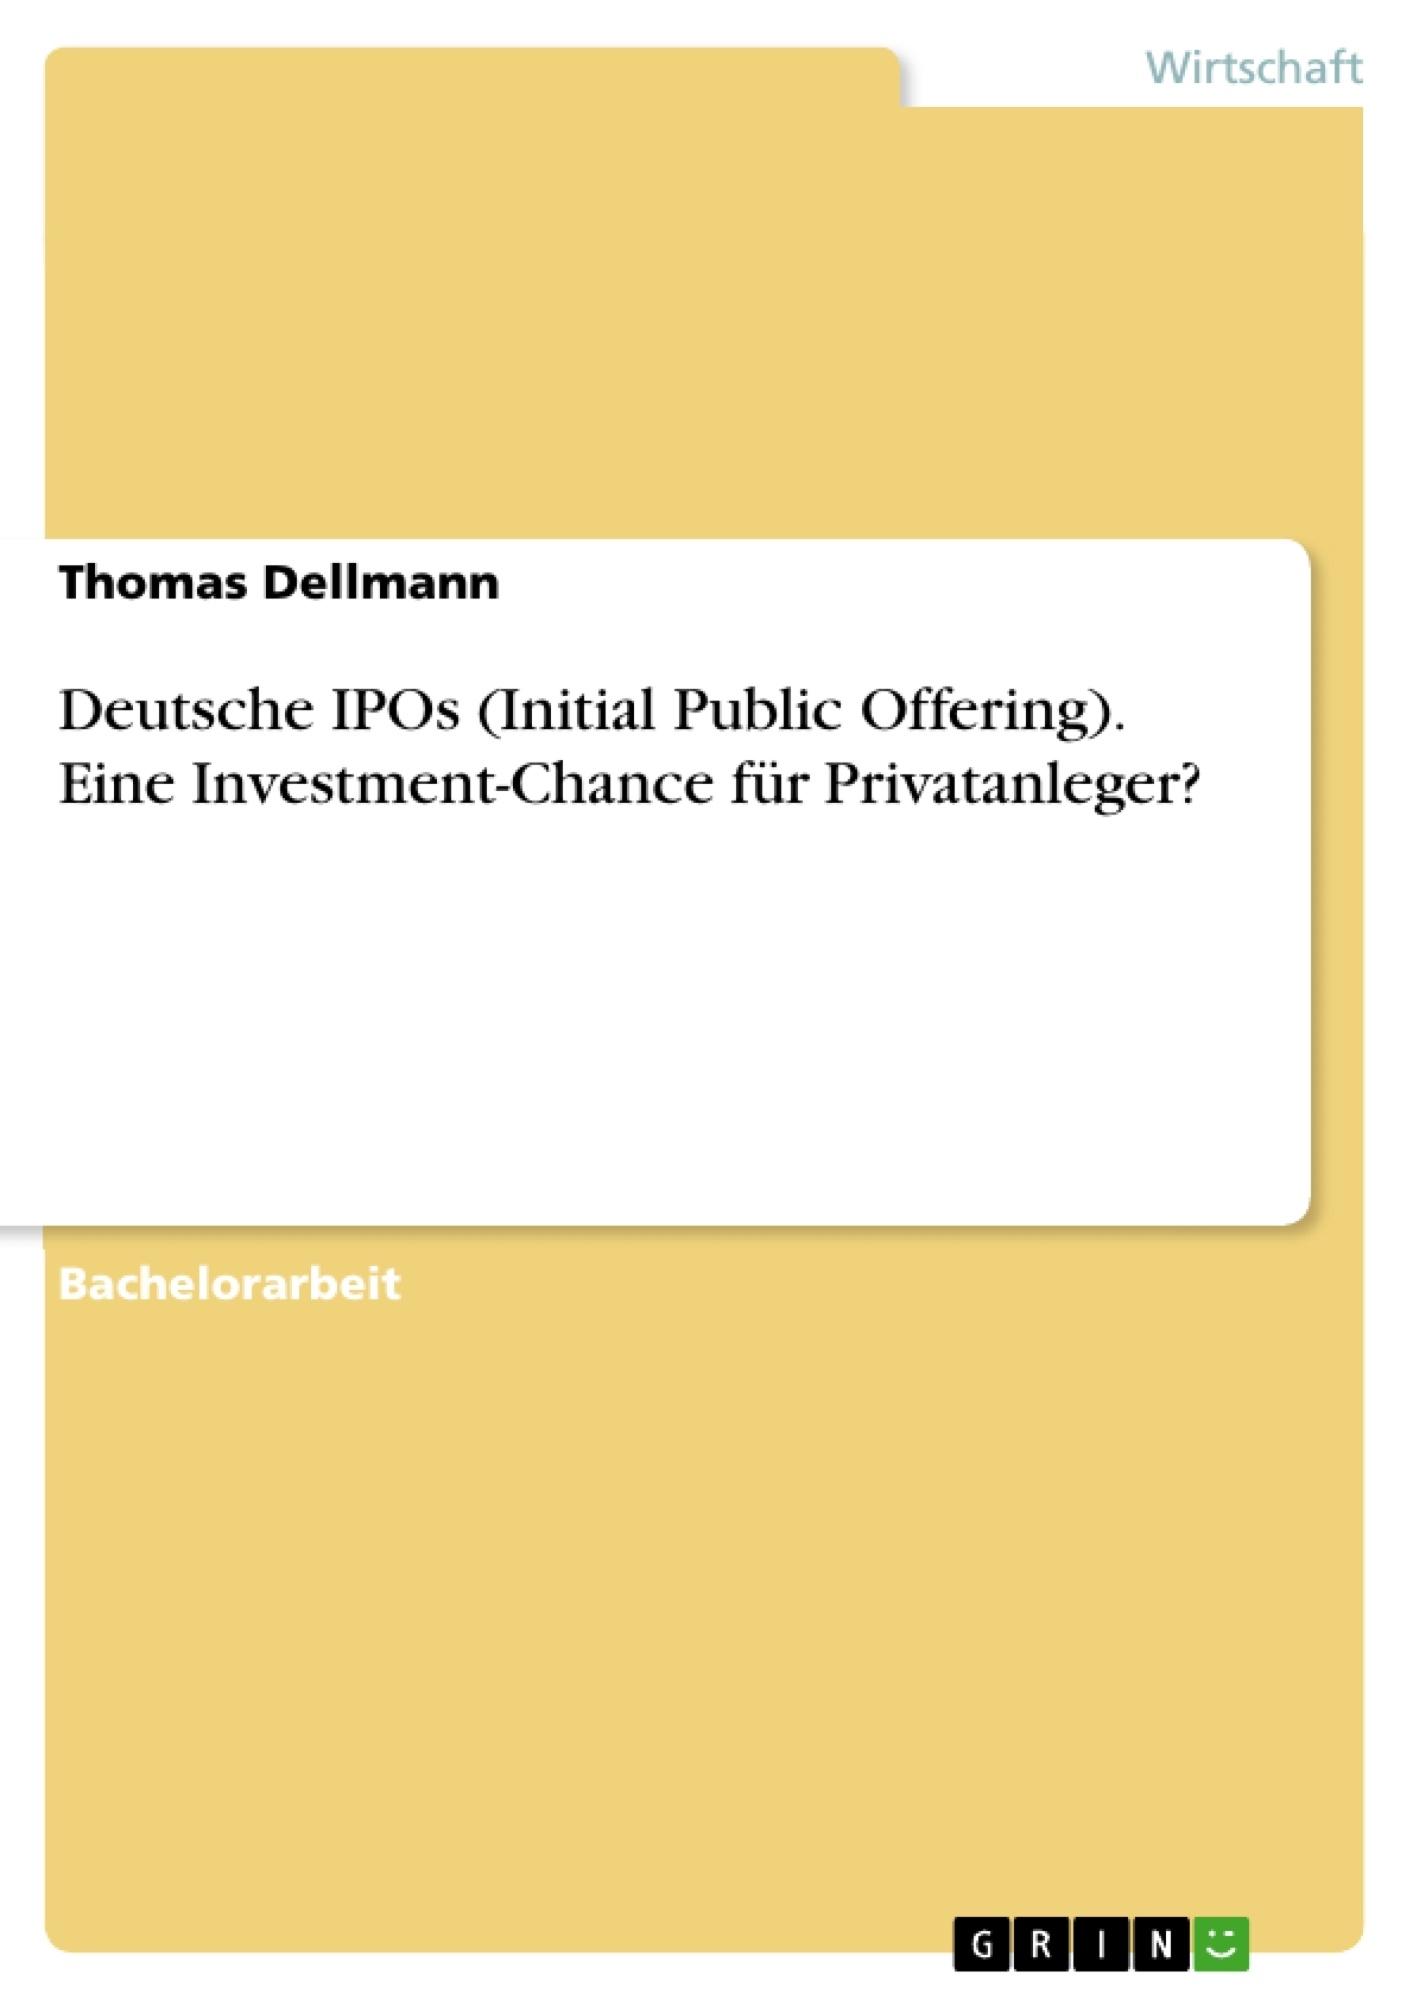 Titel: Deutsche IPOs (Initial Public Offering). Eine Investment-Chance für Privatanleger?